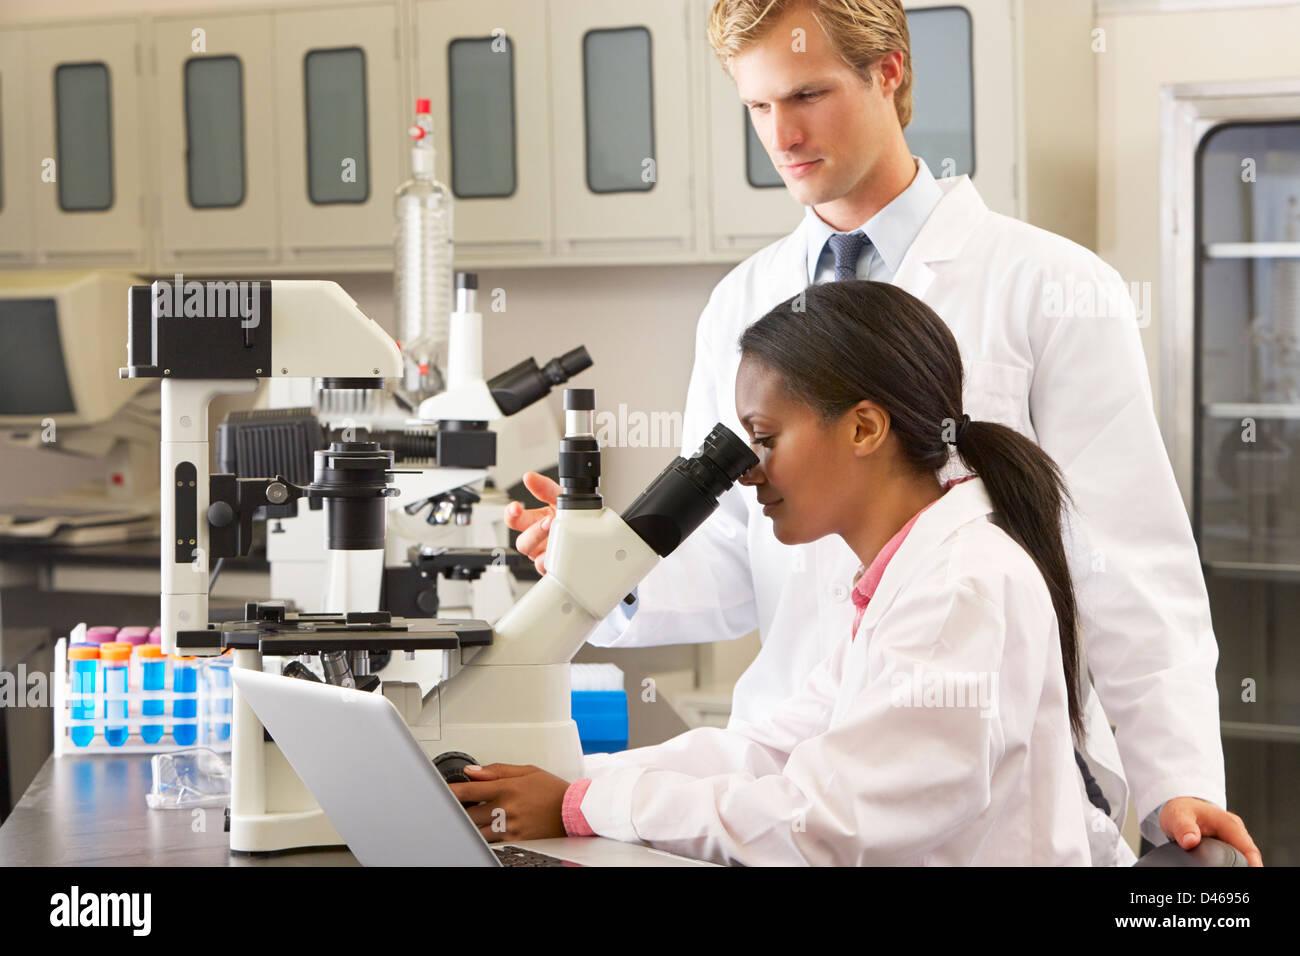 Les scientifiques masculins et féminins à l'aide de microscopes en laboratoire Photo Stock